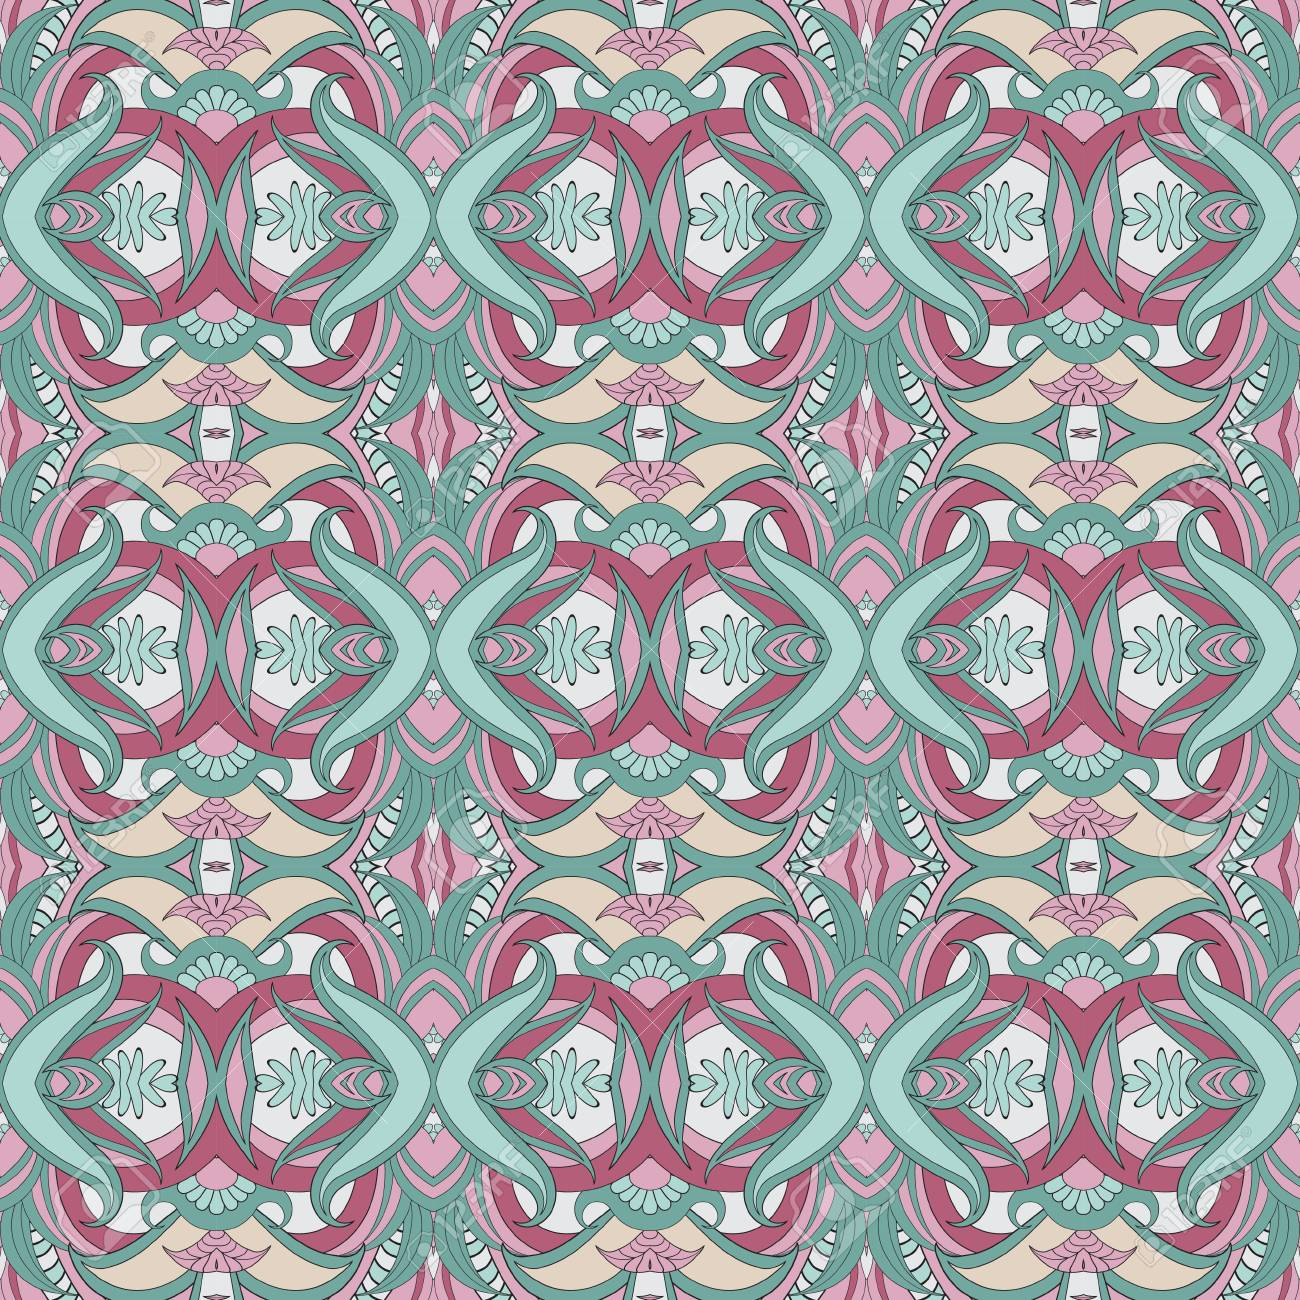 nahtlose vektor hand ethnische muster gezeichnet knnen muster fr tapeten muster fllt oberflchenstrukturen - Tapeten Mit Muster